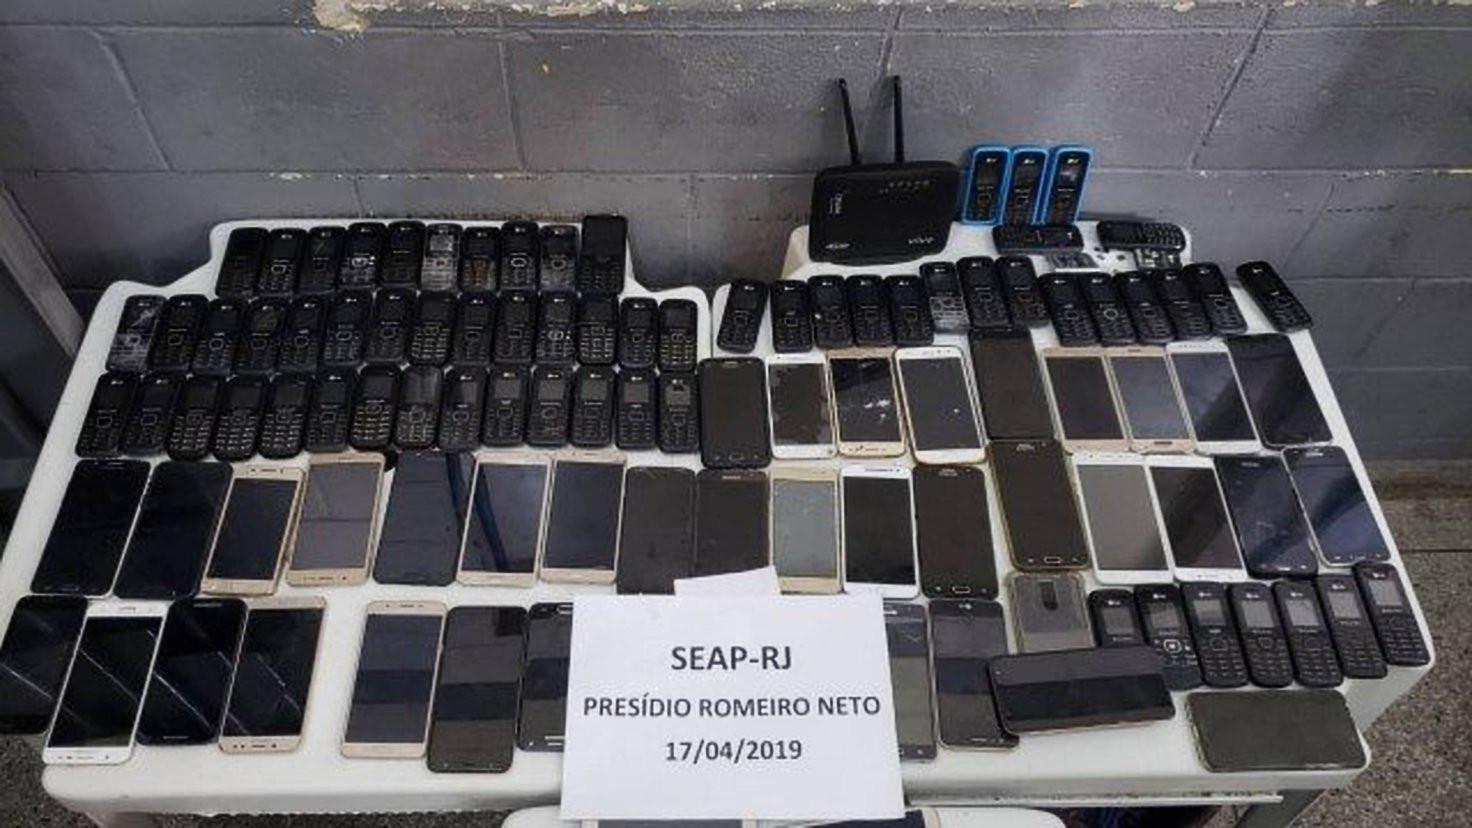 Após investigação, operação apreende 140 celulares em presídio do Rio